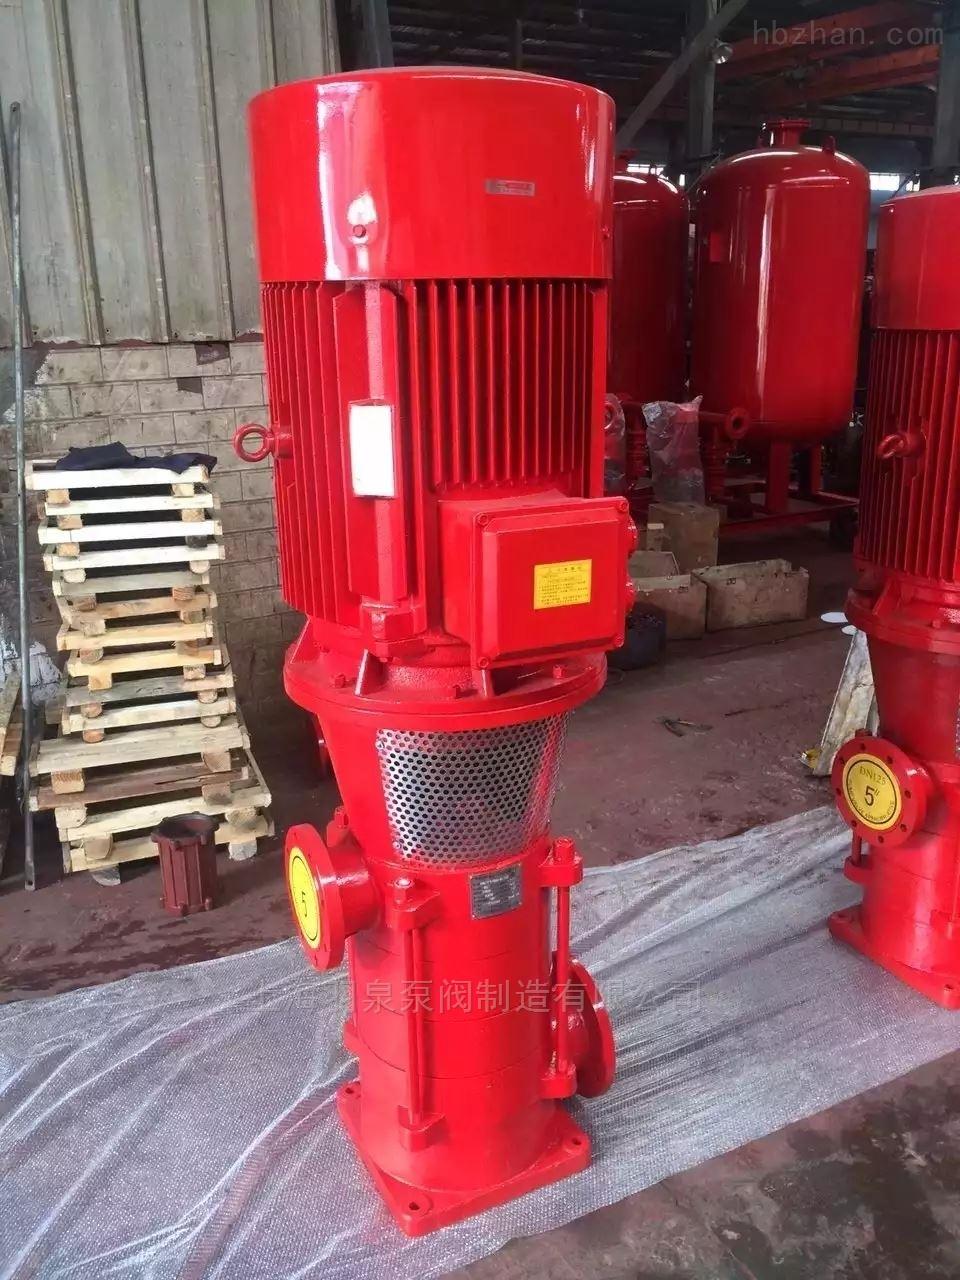 立式消防泵供应